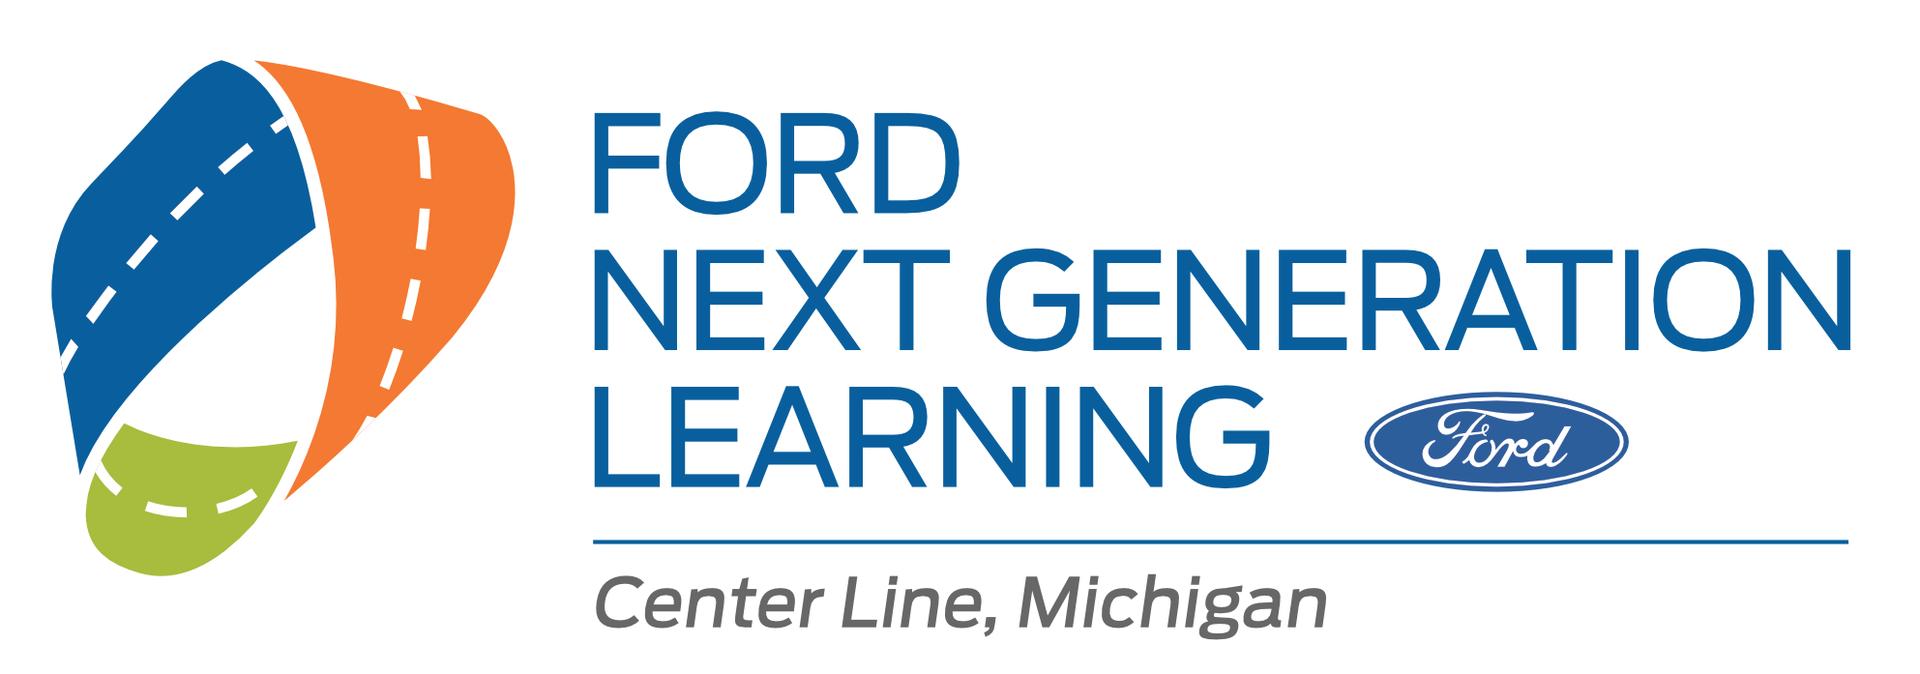 Ford NGL Center Line